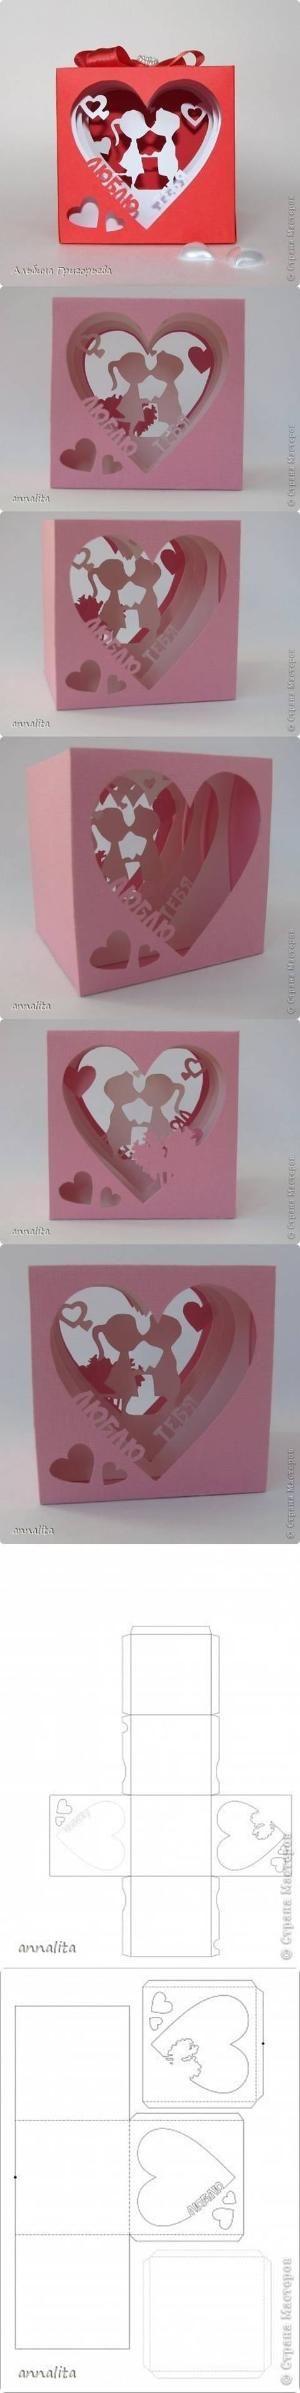 DIY Valentines Heart Box DIY Valentines Heart Box by diyforever